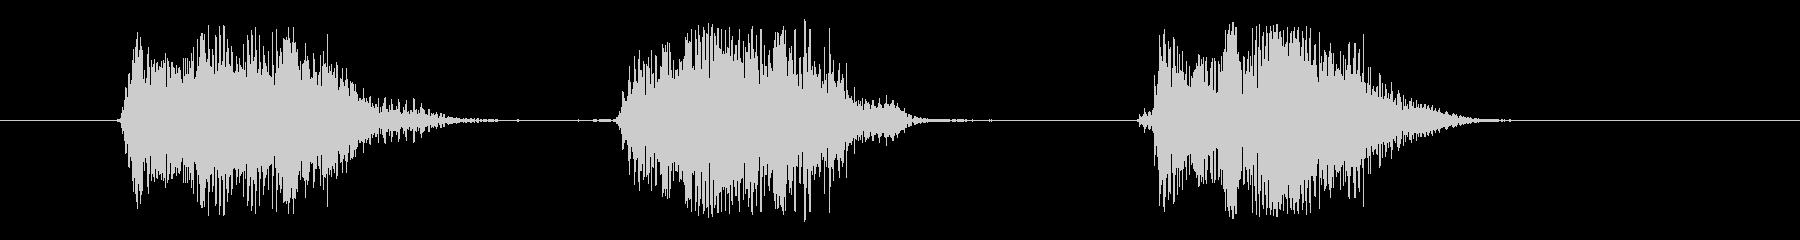 コンピューター、男性の声:アラーム...の未再生の波形